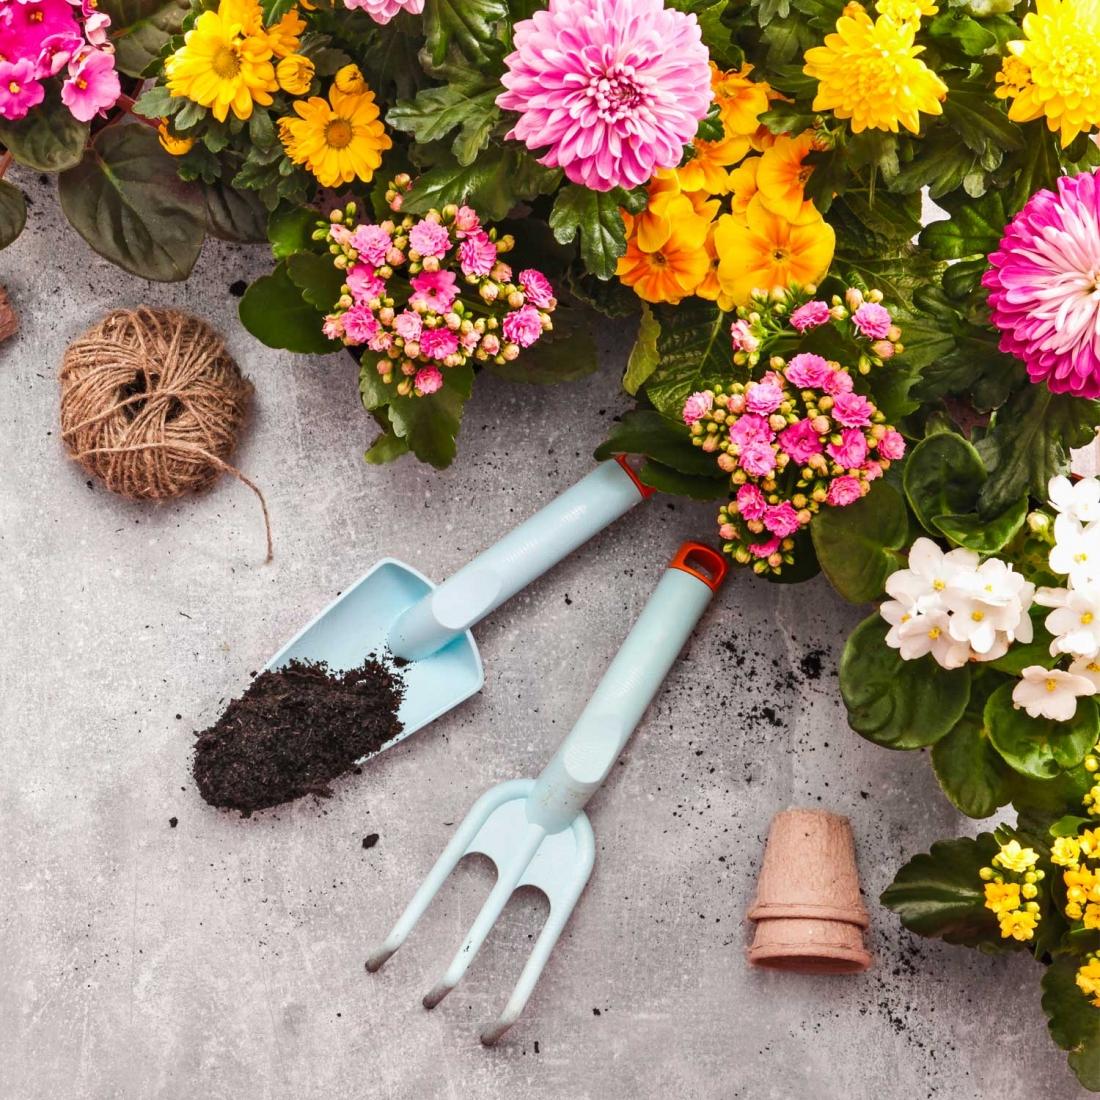 Cosa Piantare A Febbraio giardinaggio a marzo, ecco cosa c'è da fare questo mese